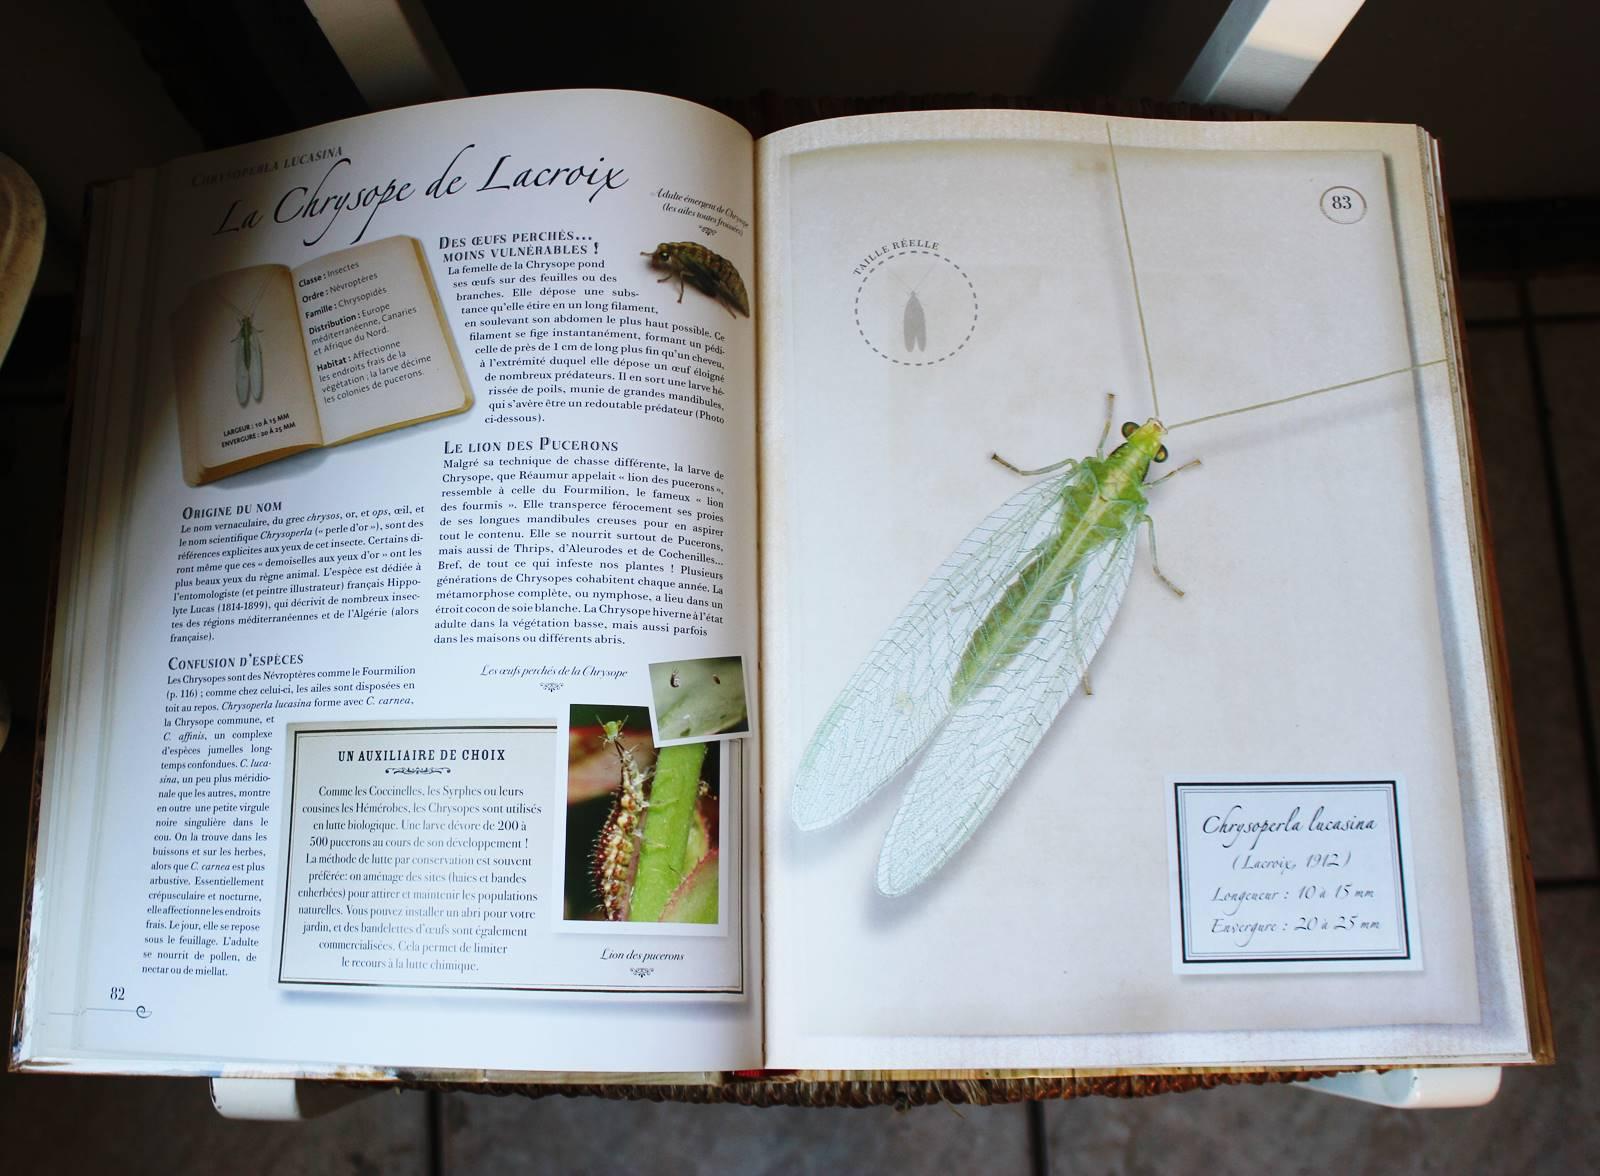 Collection d insectes livre larousse 2